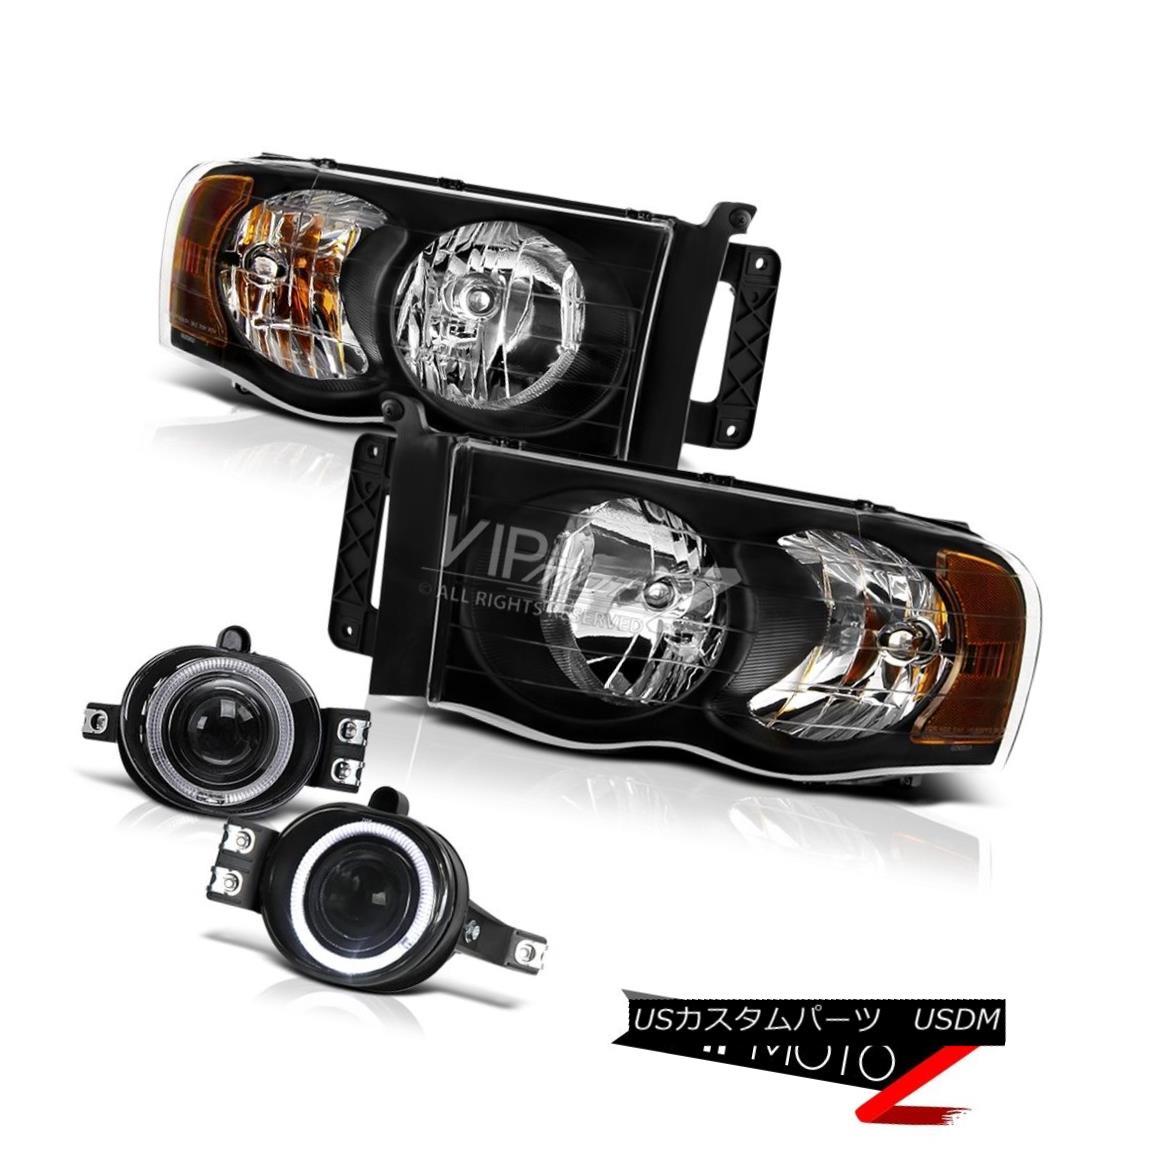 ヘッドライト 02-05 Dodge RAM 1500/2500 ST Black Headlight+Halo Projector Fog Light+Wiring Kit 02-05ドッジRAM 1500/2500 STブラックヘッドライト+ハロープロジェクターフォグライト+配線キット